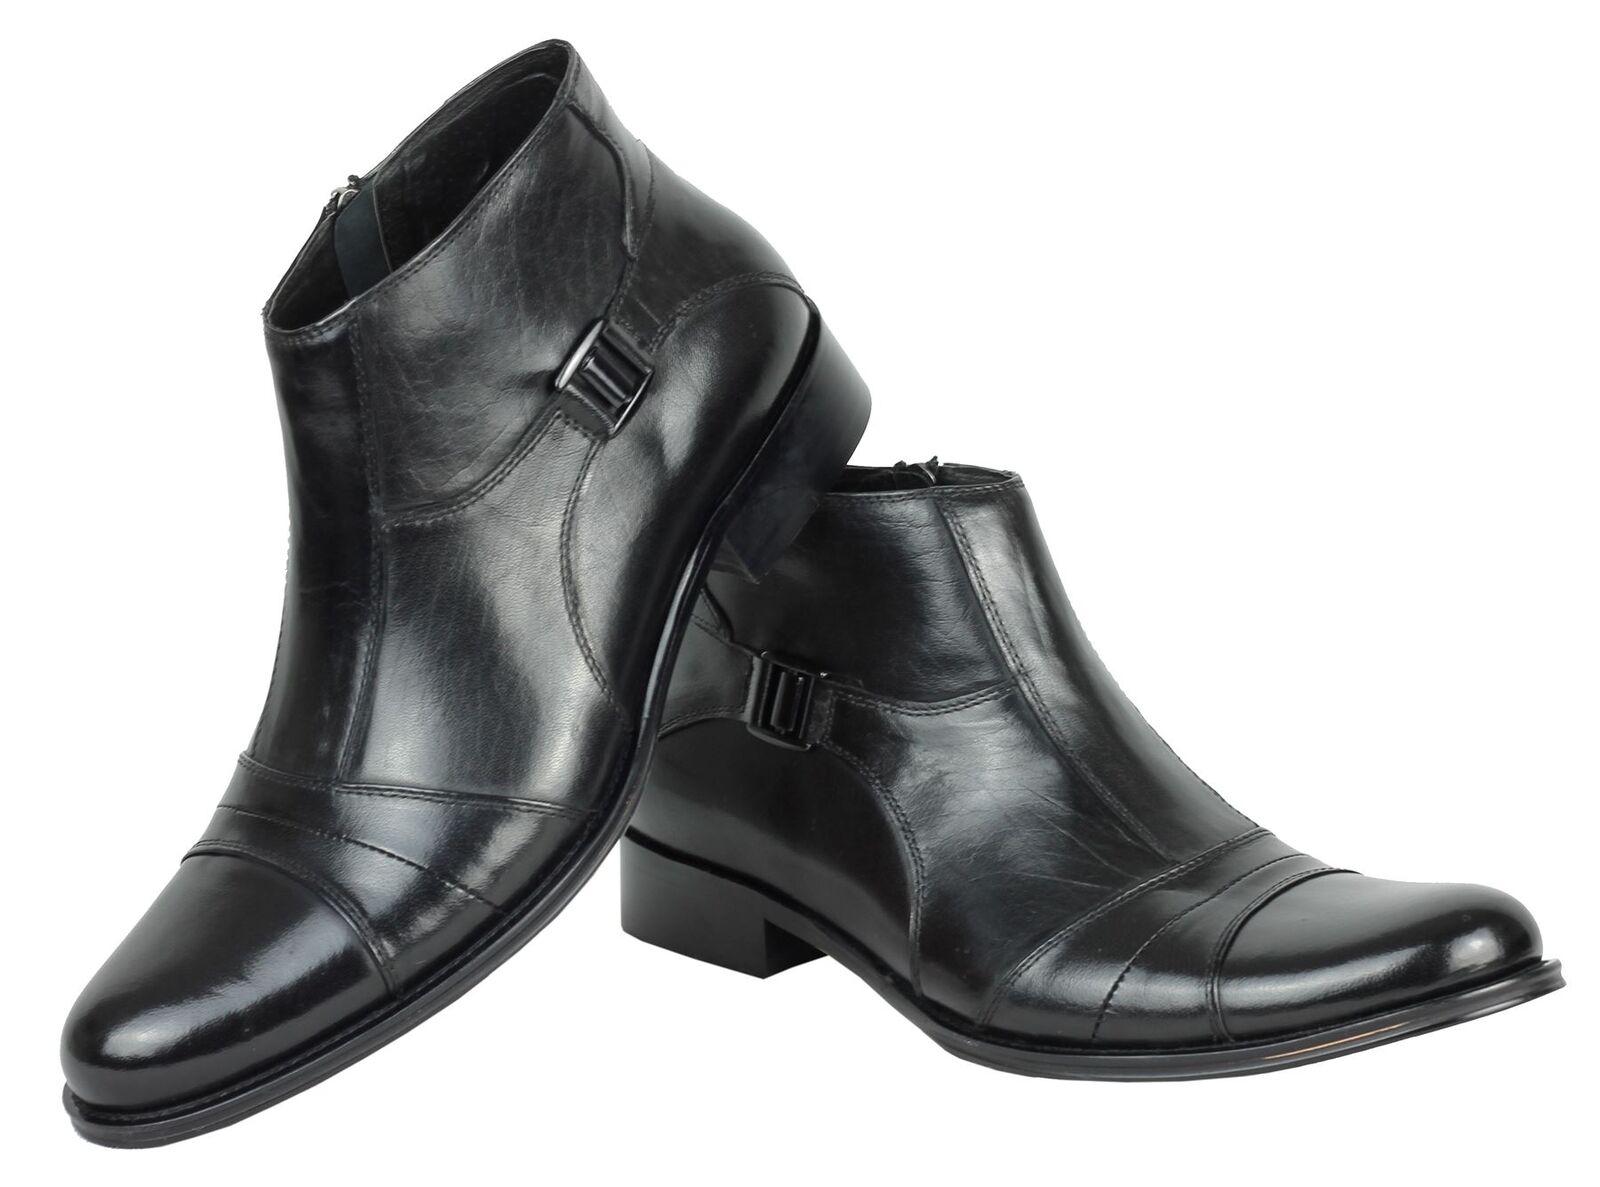 Casual salvaje Para Hombre De Cuero Real Lado Negro Hebilla Smart Casual formal de cierre de cremallera Botas Zapatos